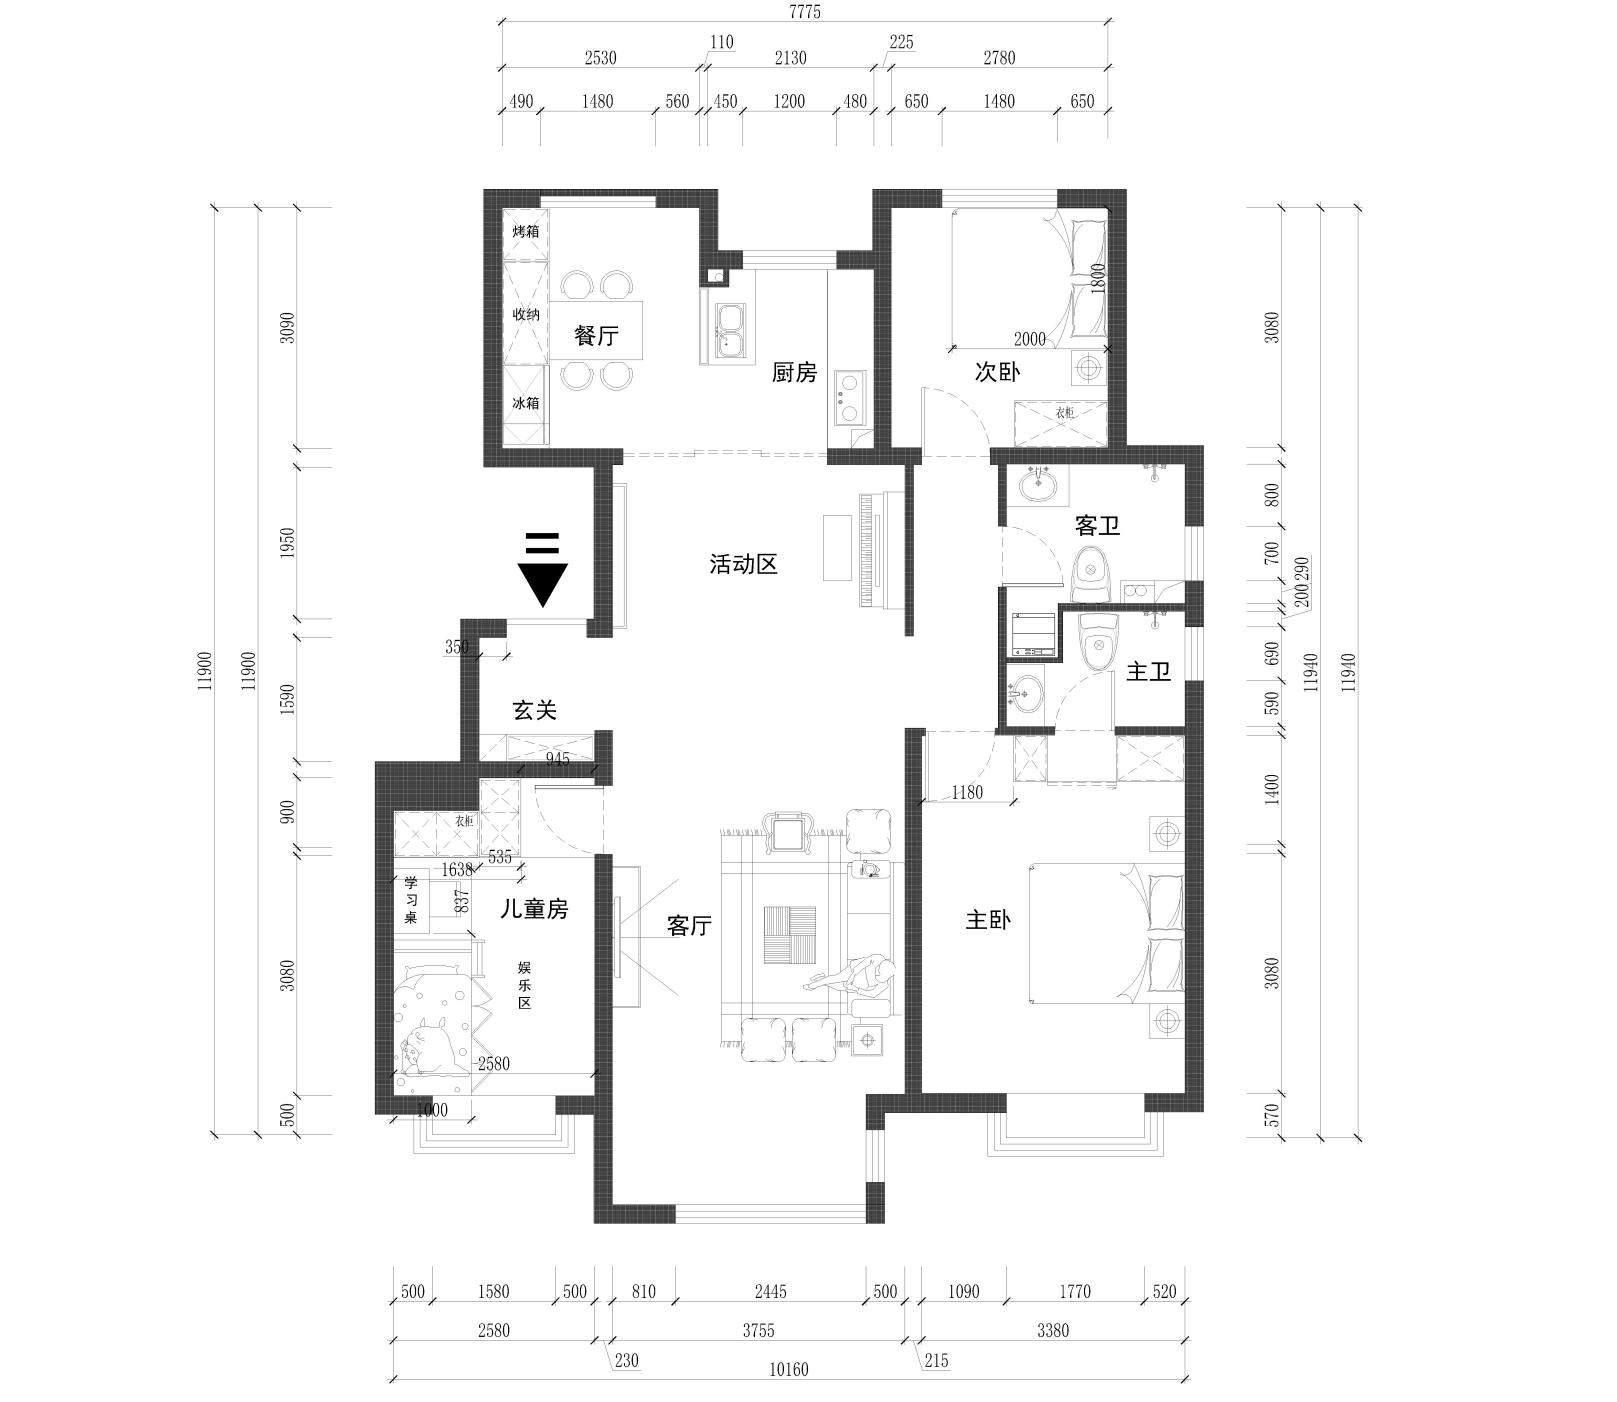 孔雀城学府澜湾-125平米-简约北欧装修设计理念